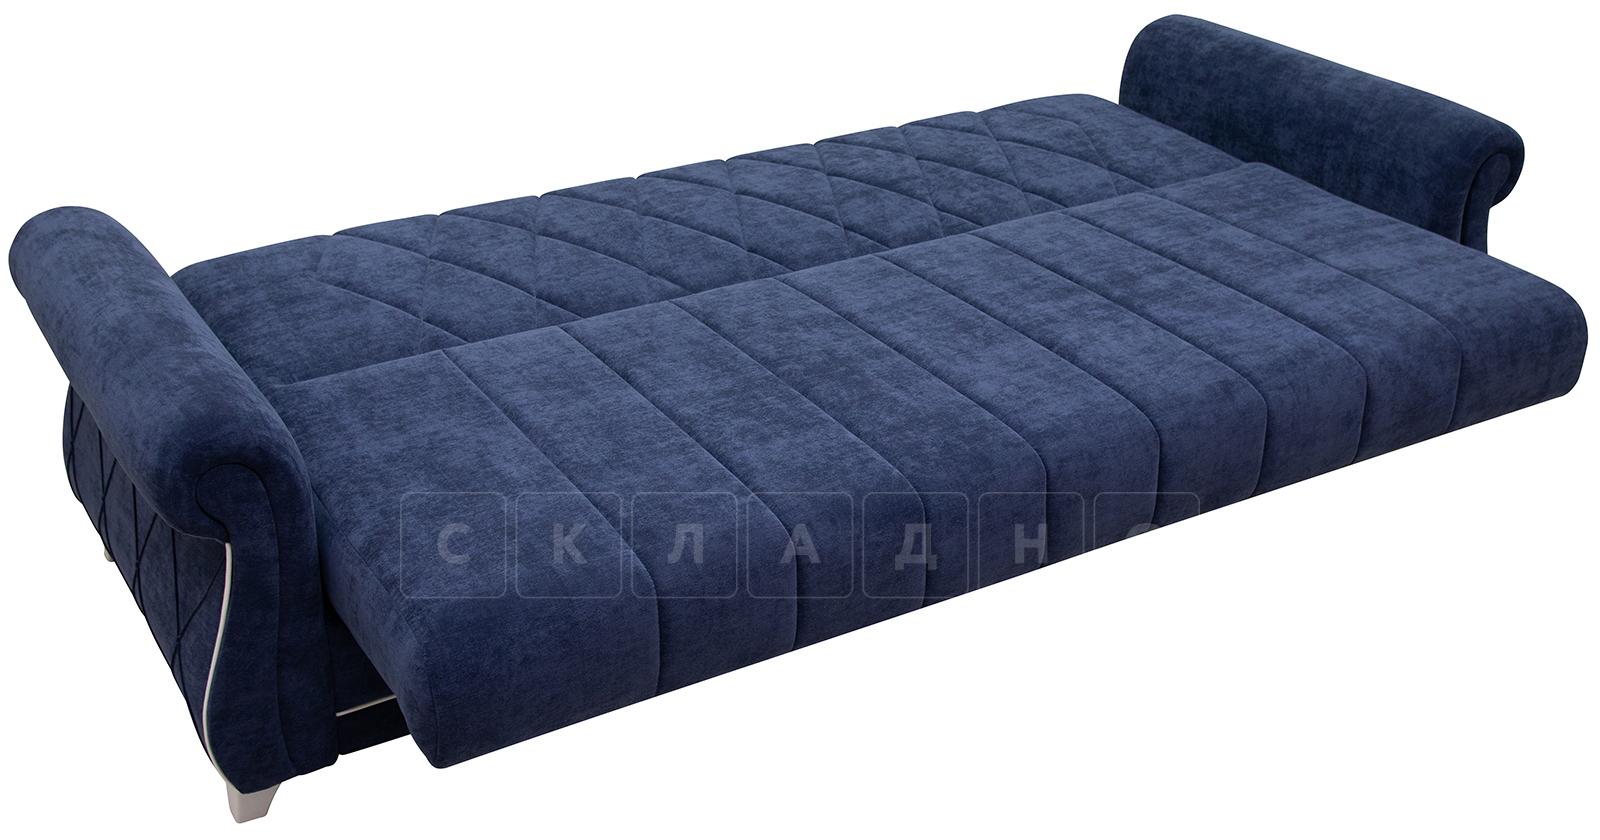 Диван-кровать Роза чернильный синий фото 6   интернет-магазин Складно